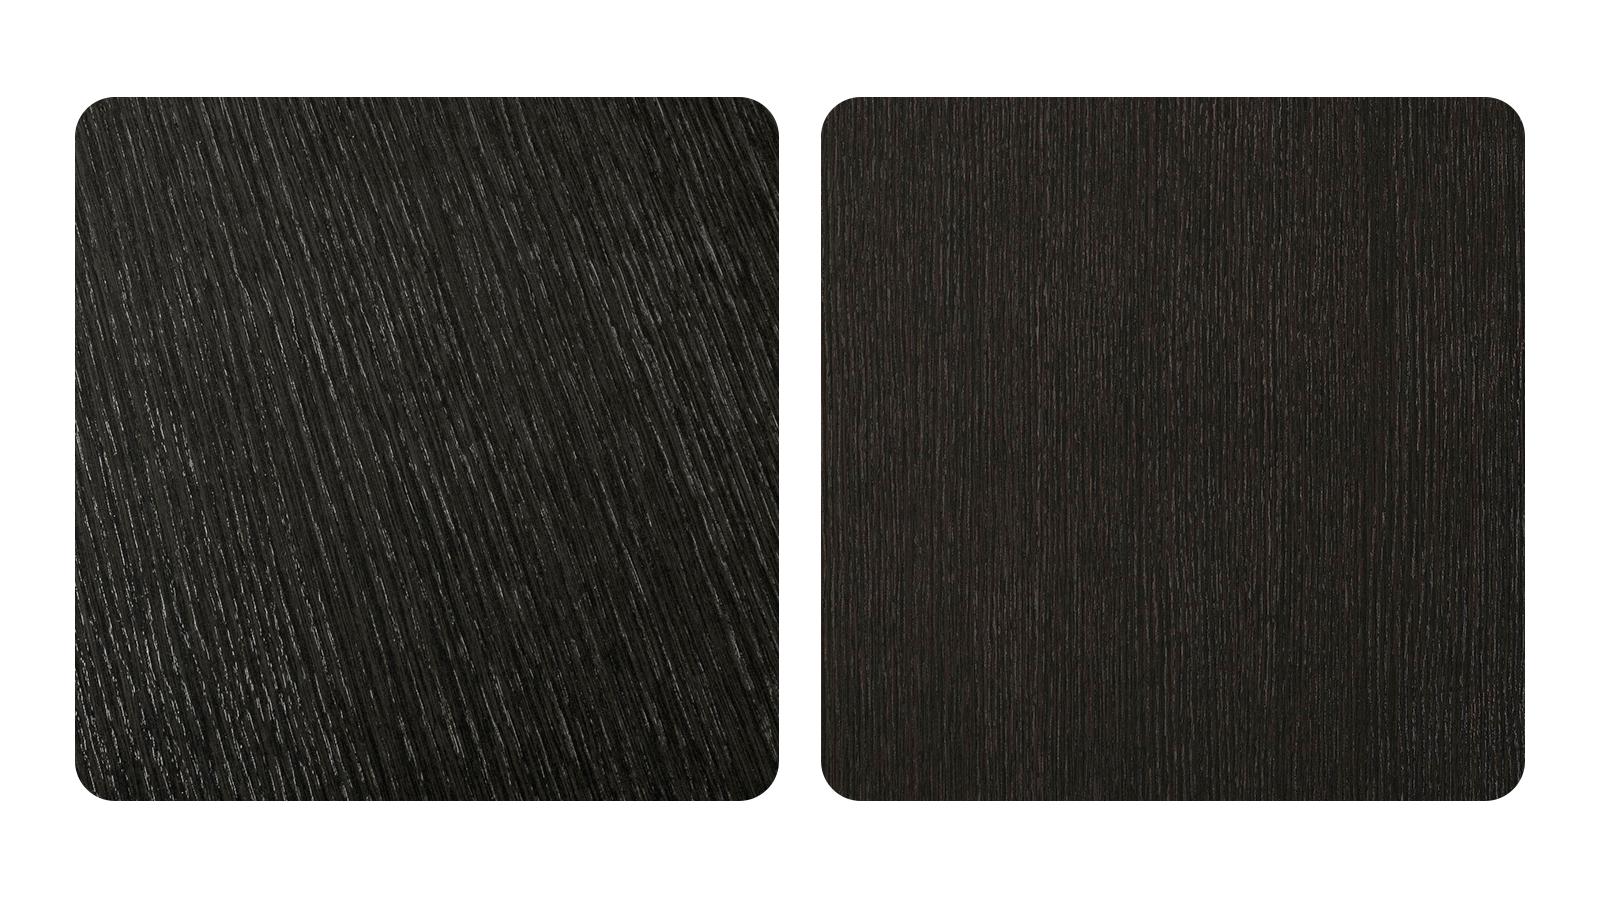 Textura de laminado poro para puertas de madera prefabricada